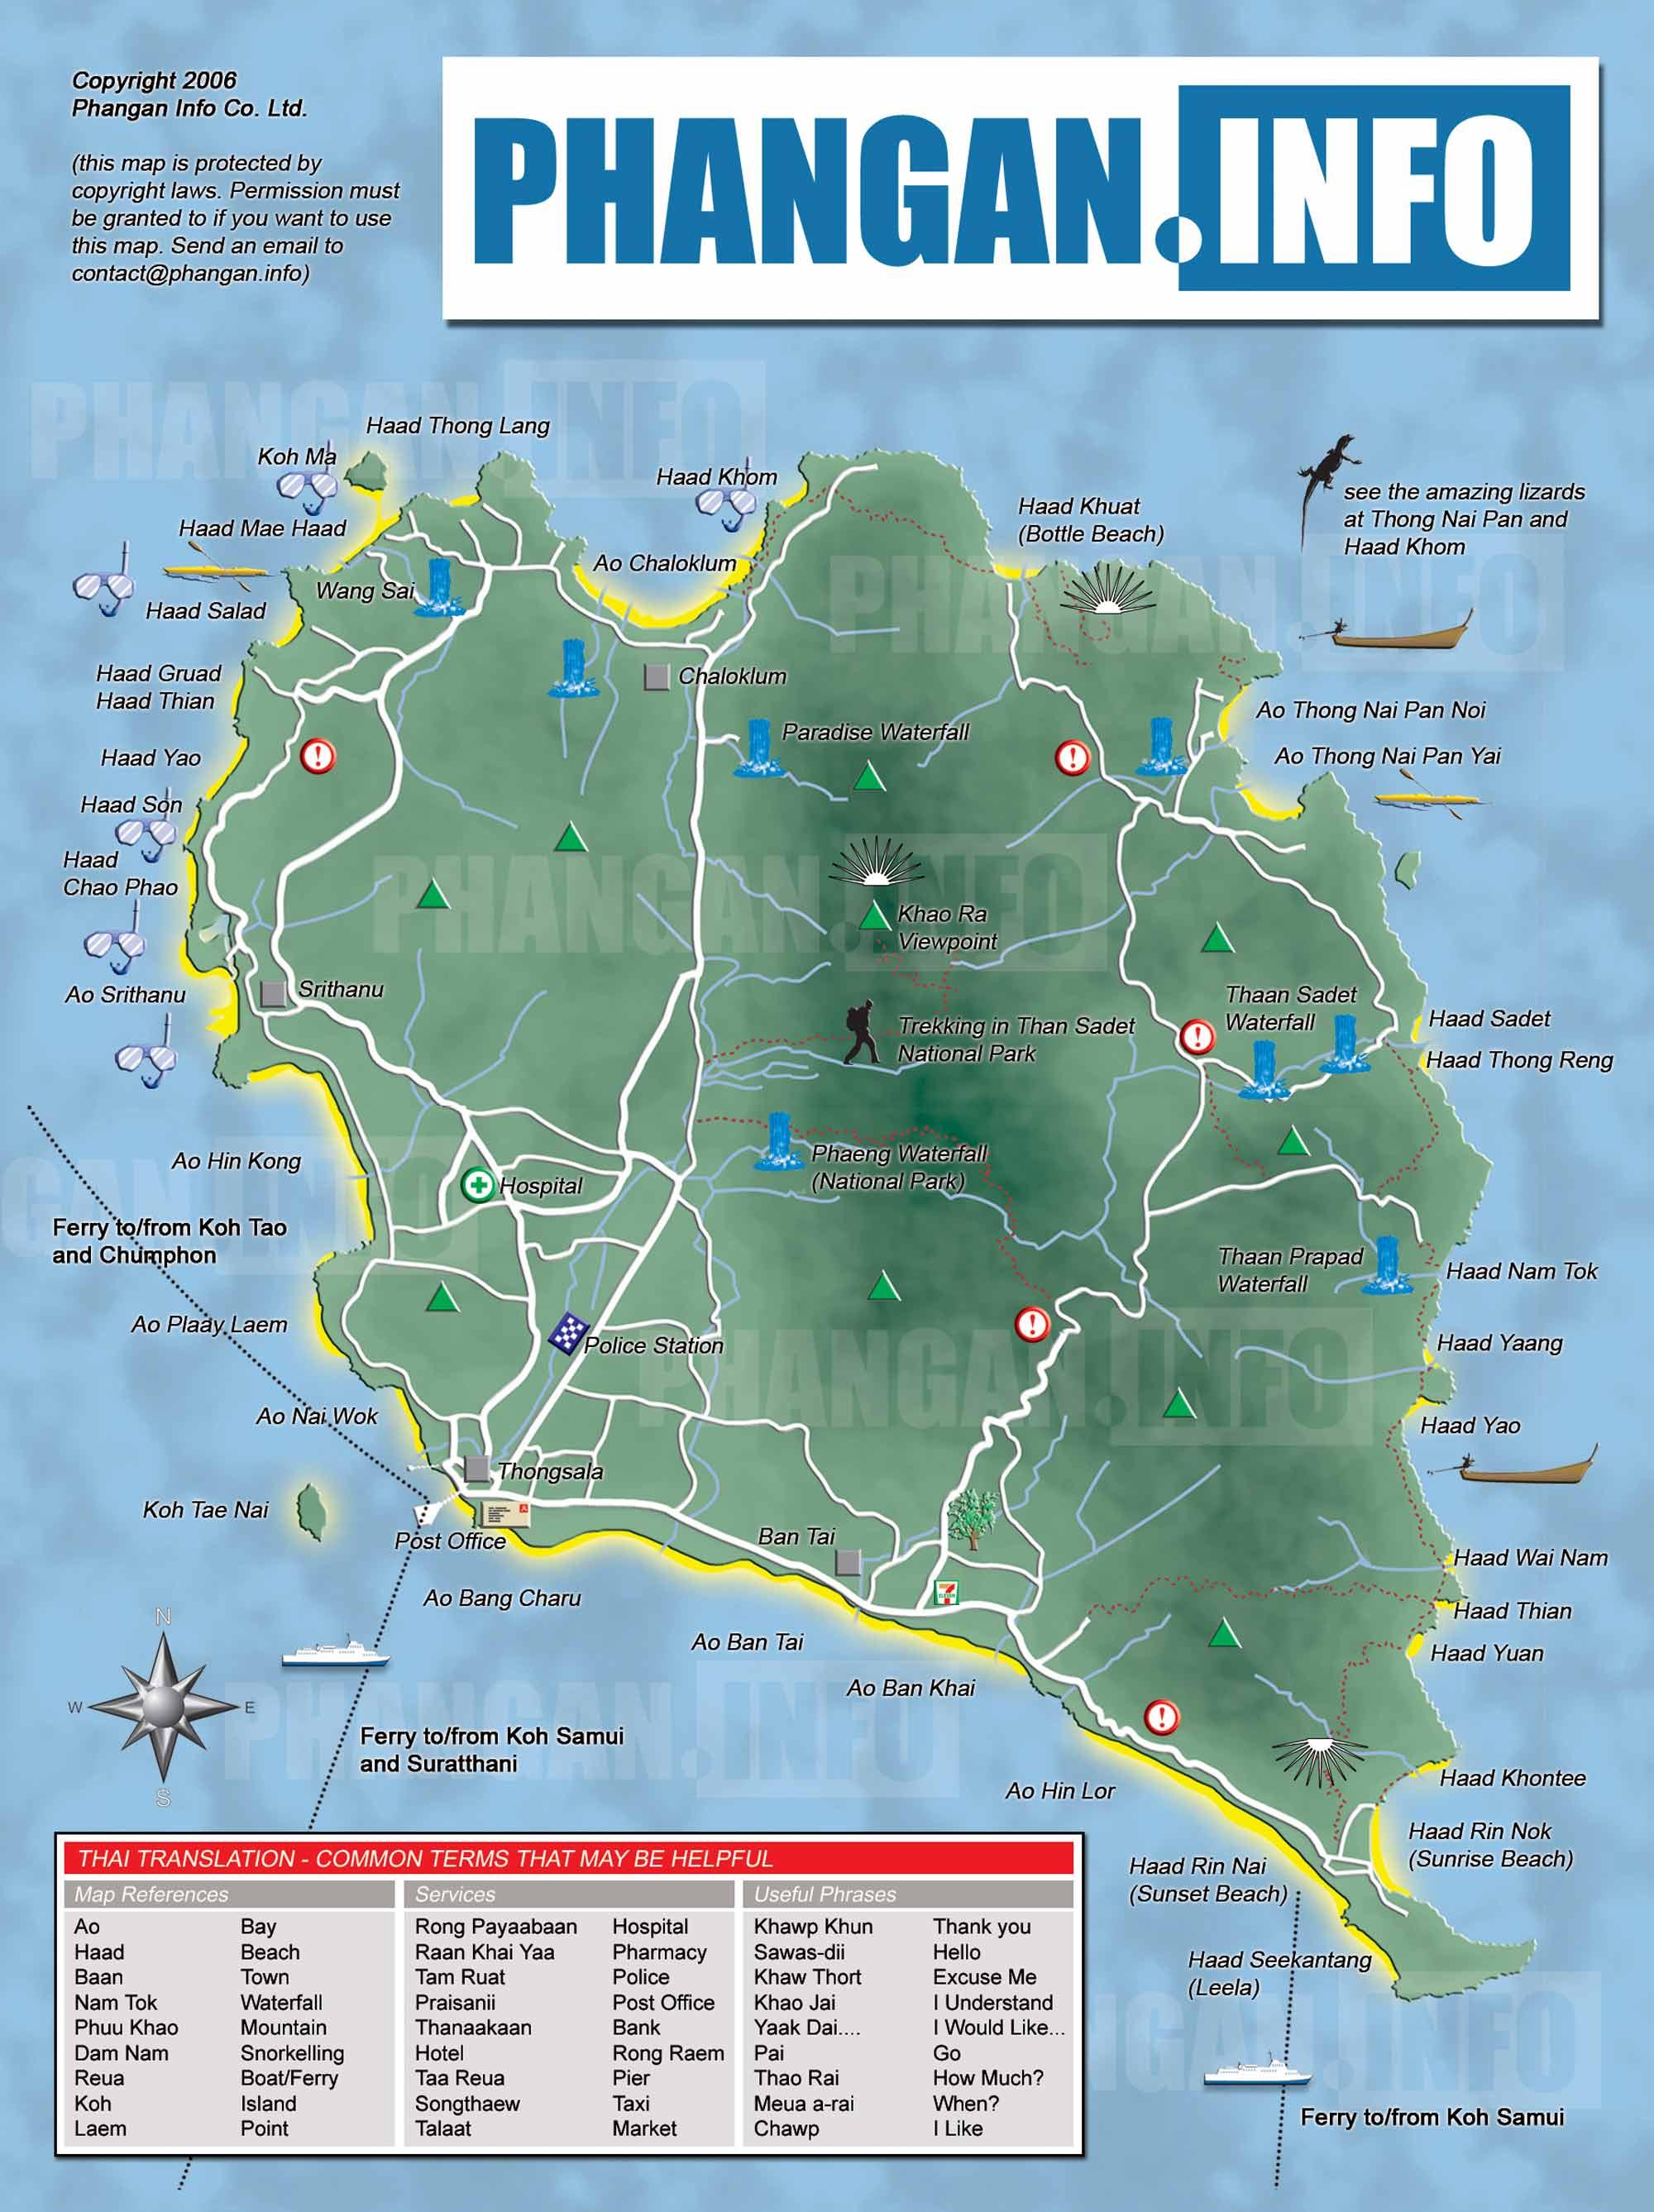 Koh Phangan Map KOH PHANGAN.INFO: KO PHA NGAN ISLAND MAP, THAILAND Koh Phangan Map